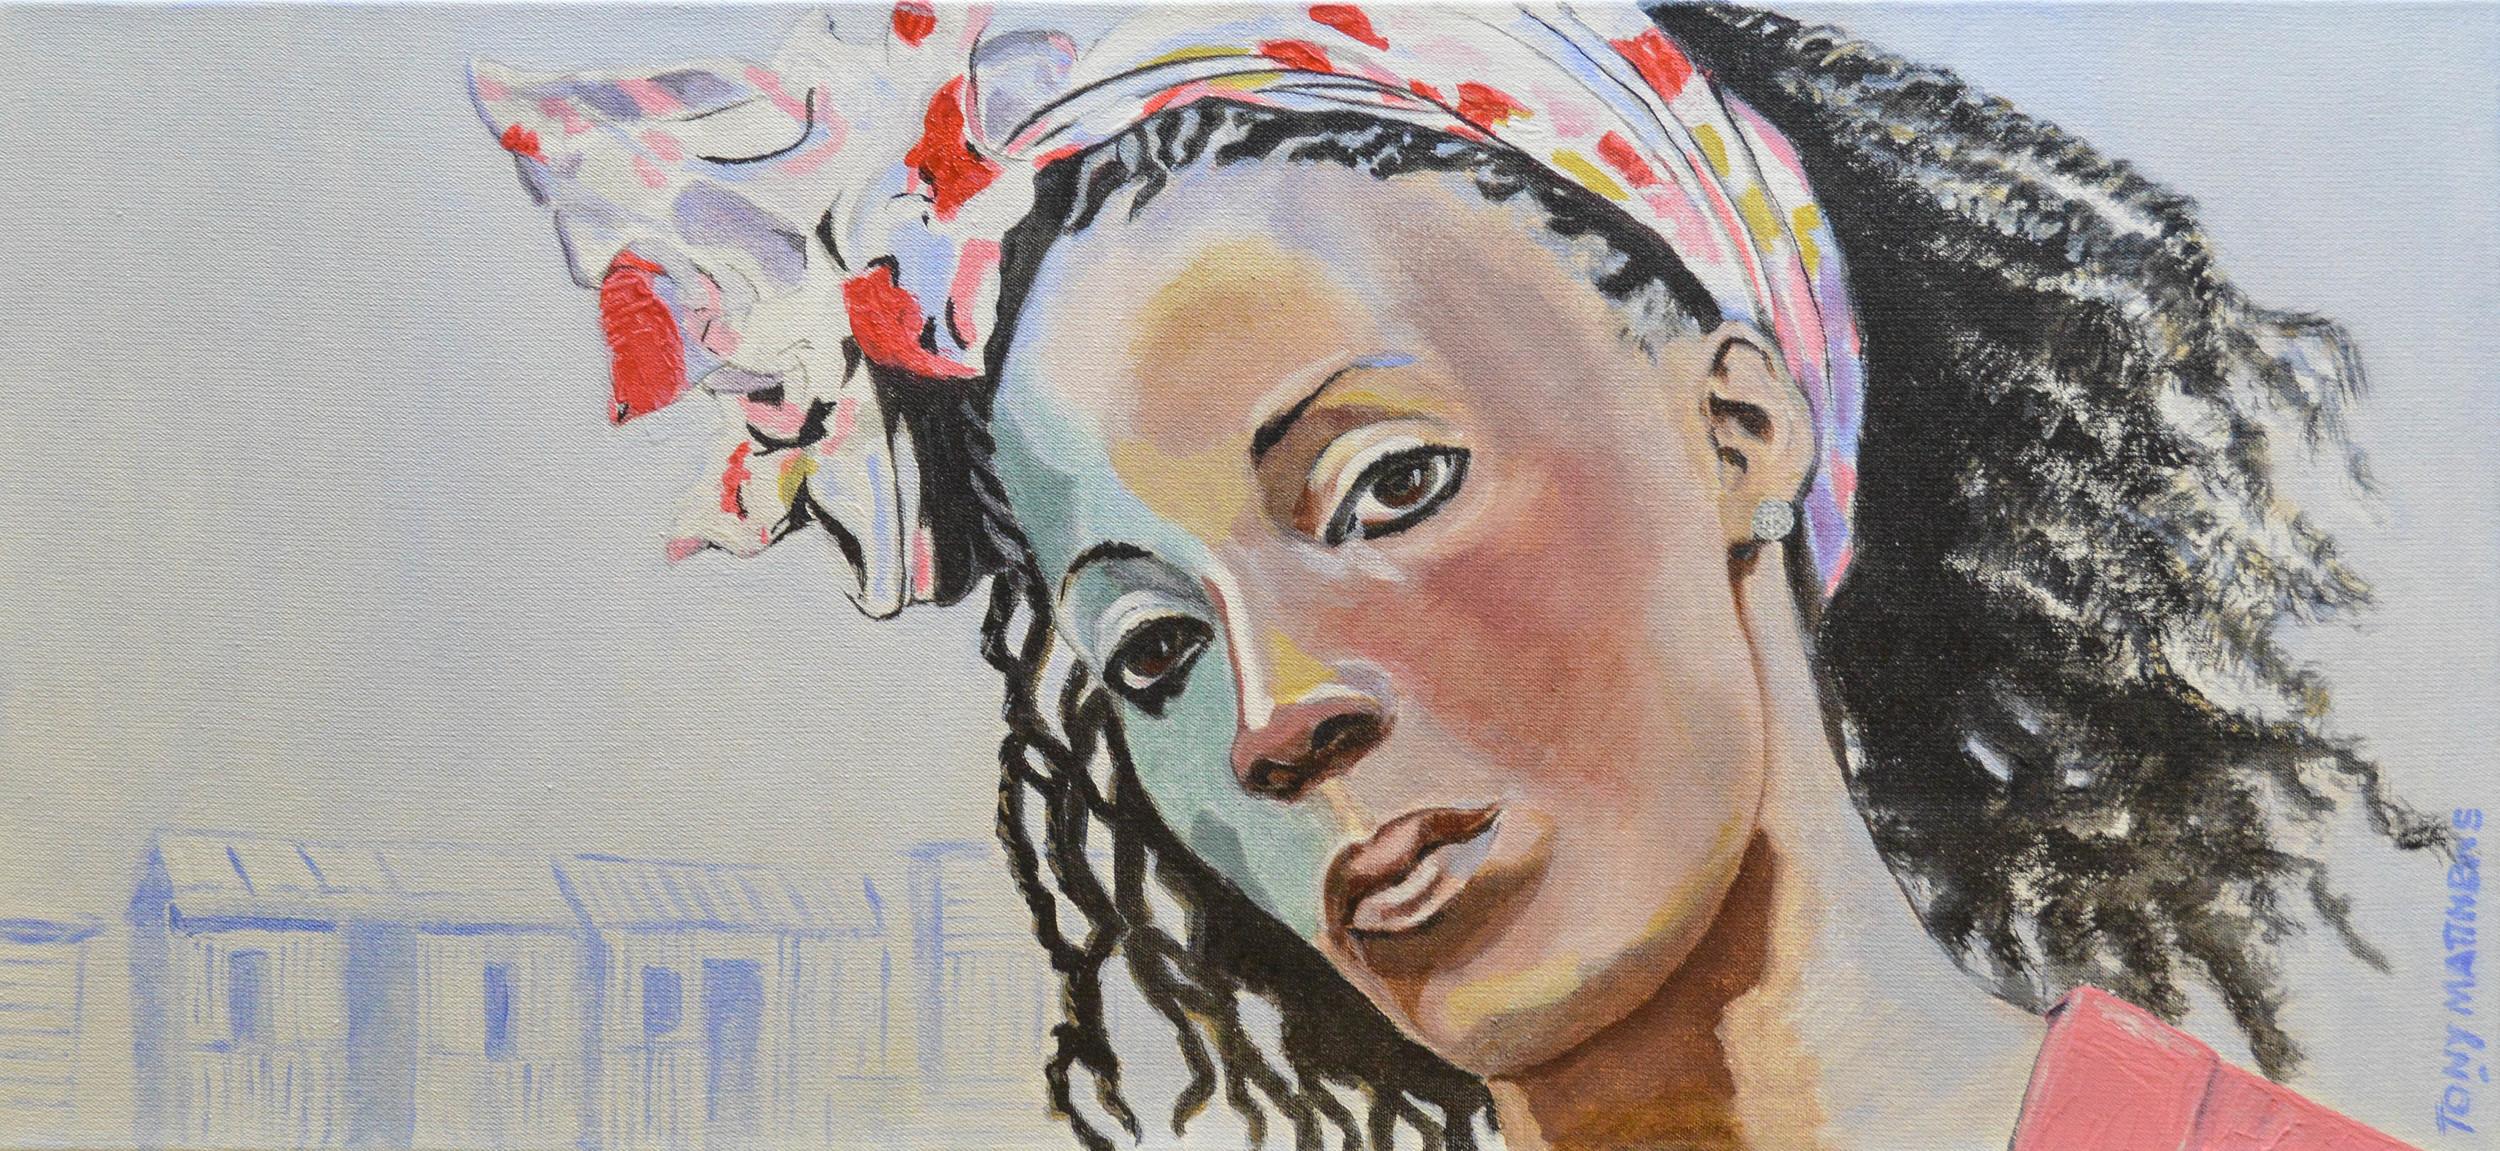 Acrylic painting by Tony Matthews